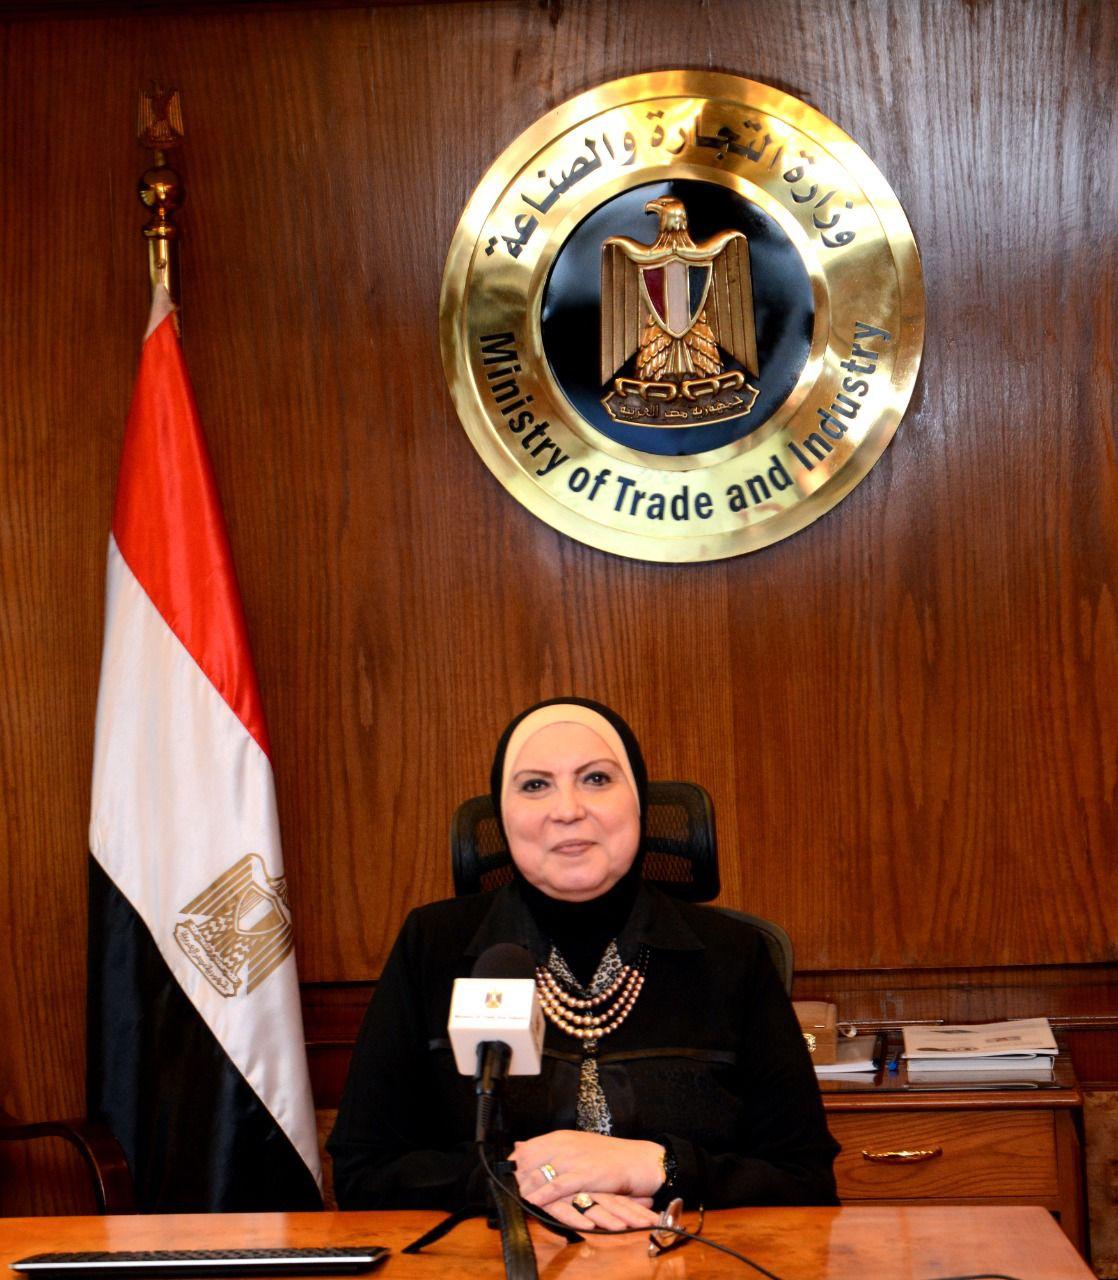 إنطلاق فعاليات الملتقى التسويقي المصري الاول للتمور بمحافظة الوادي الجديد السبت المقبل